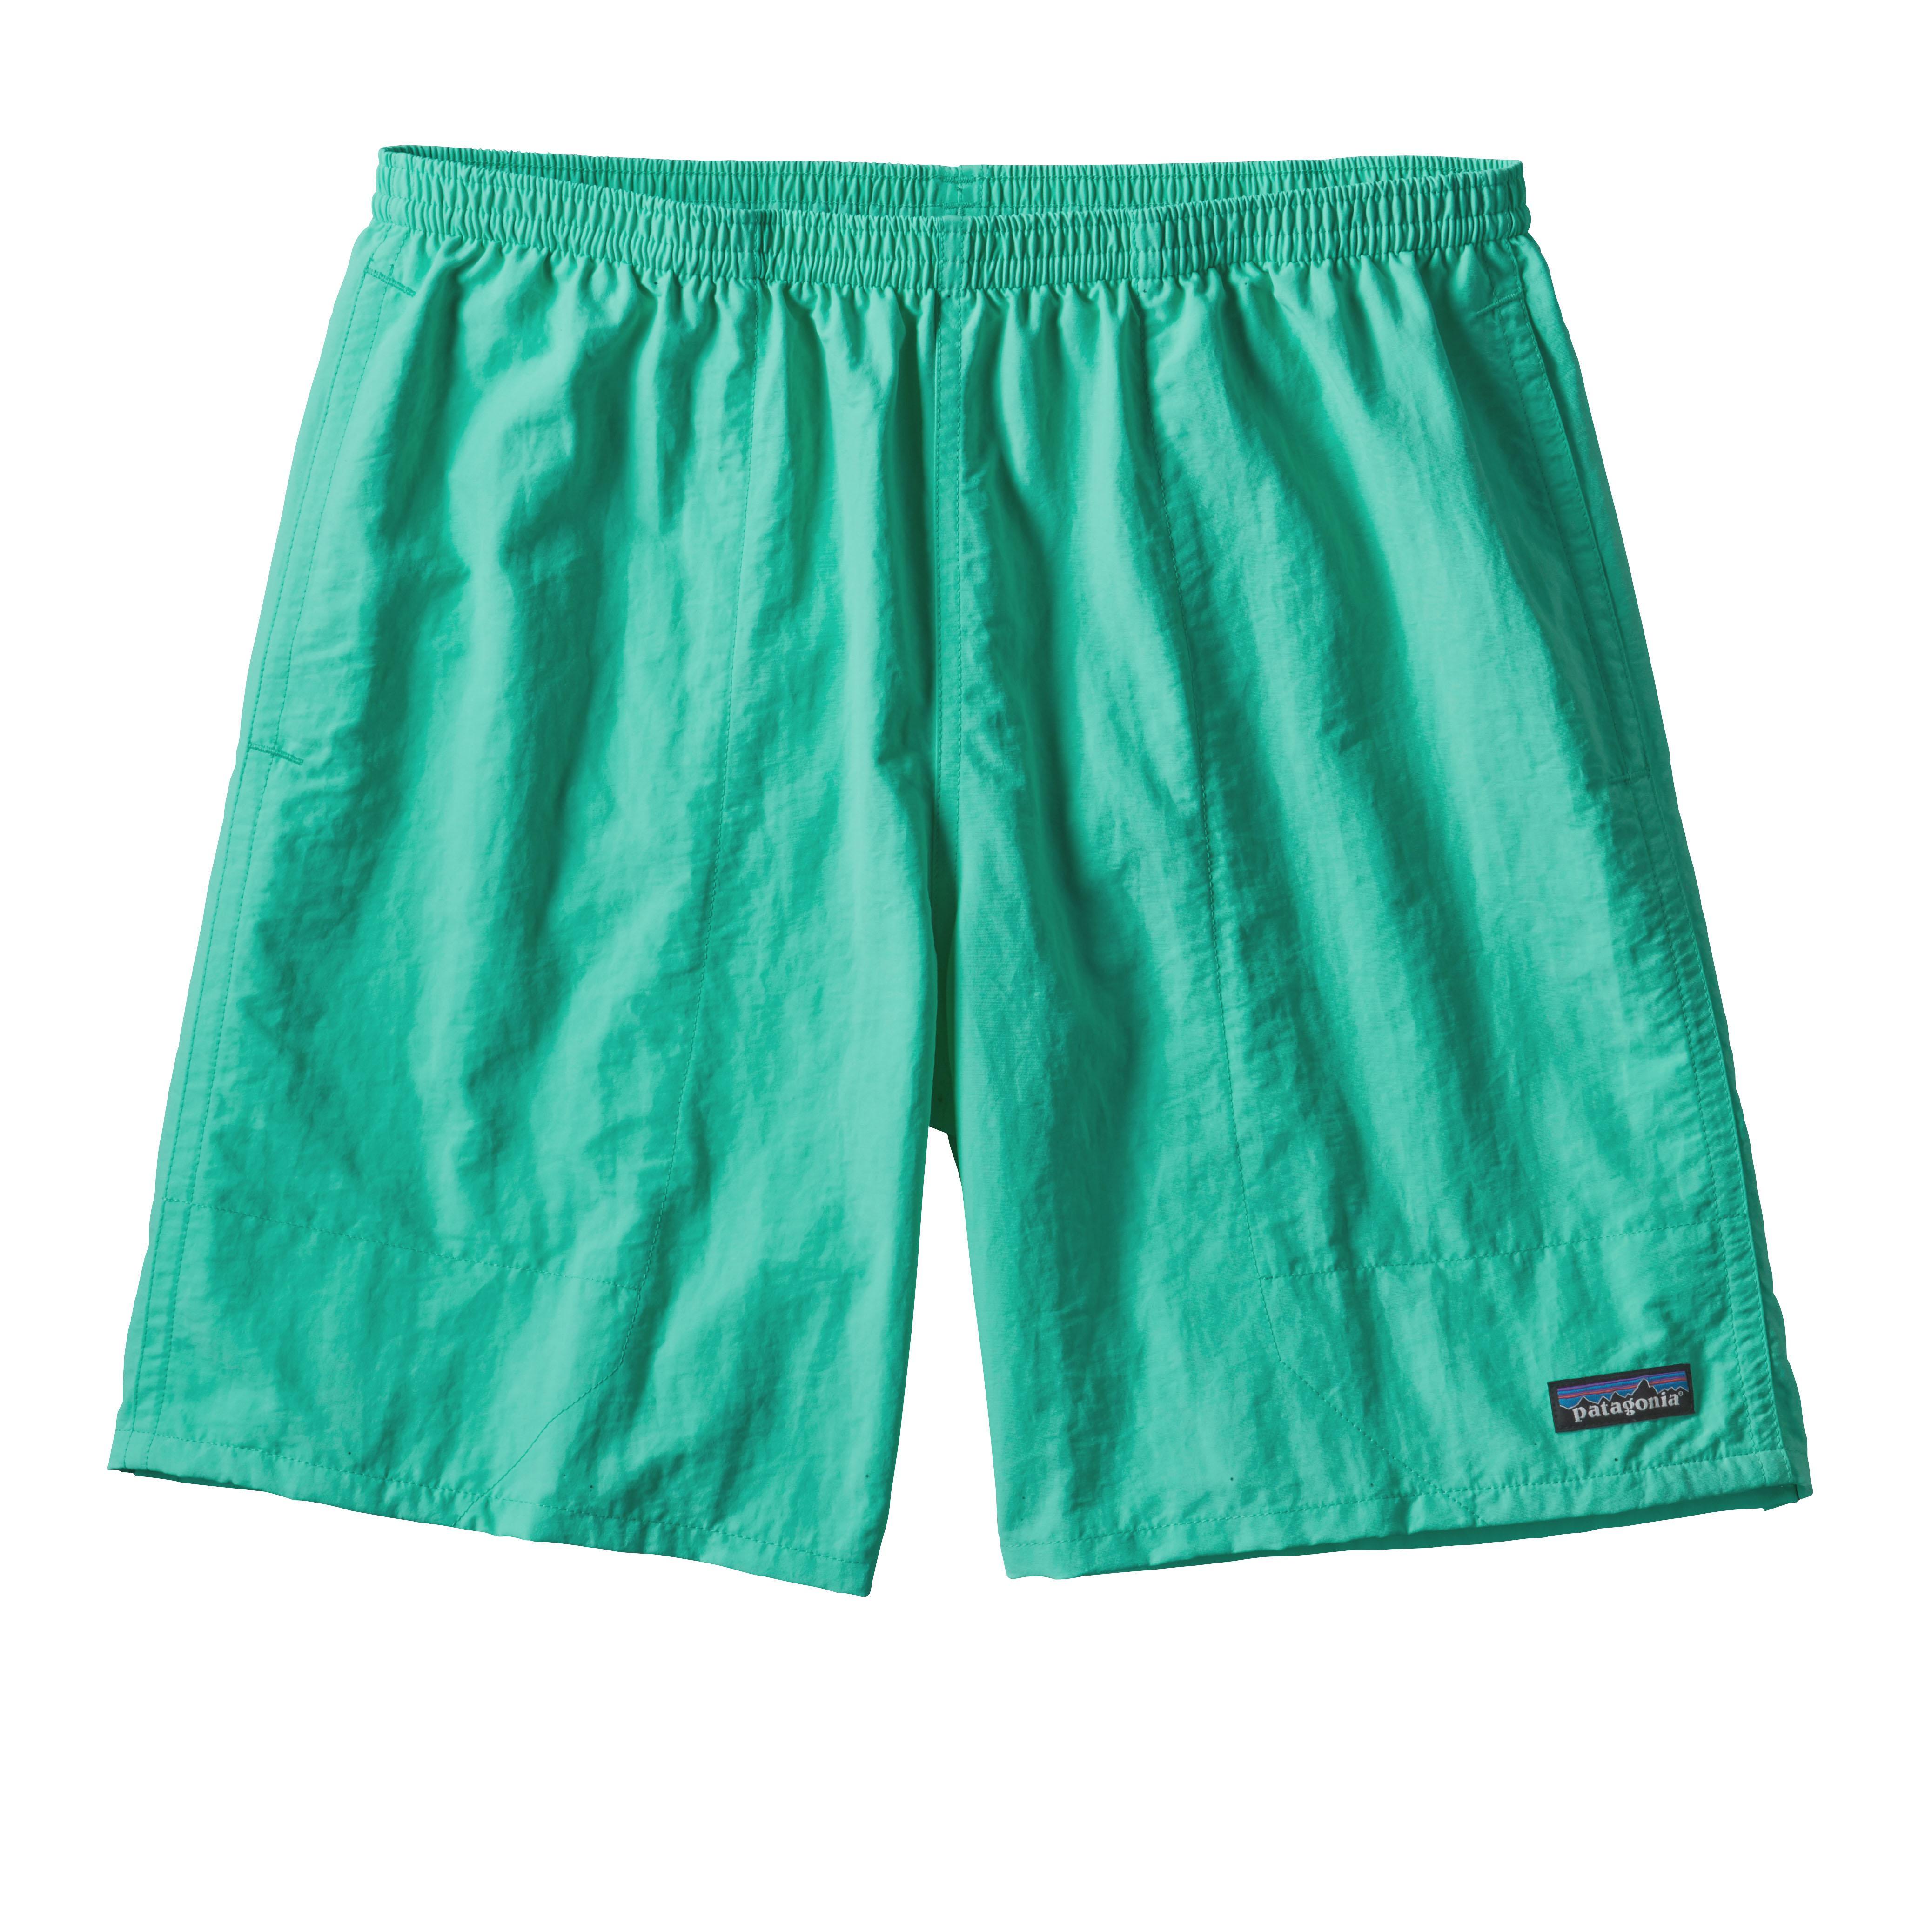 Patagonia Men's Baggies Shorts 7in Inseam GLHG_GREEN